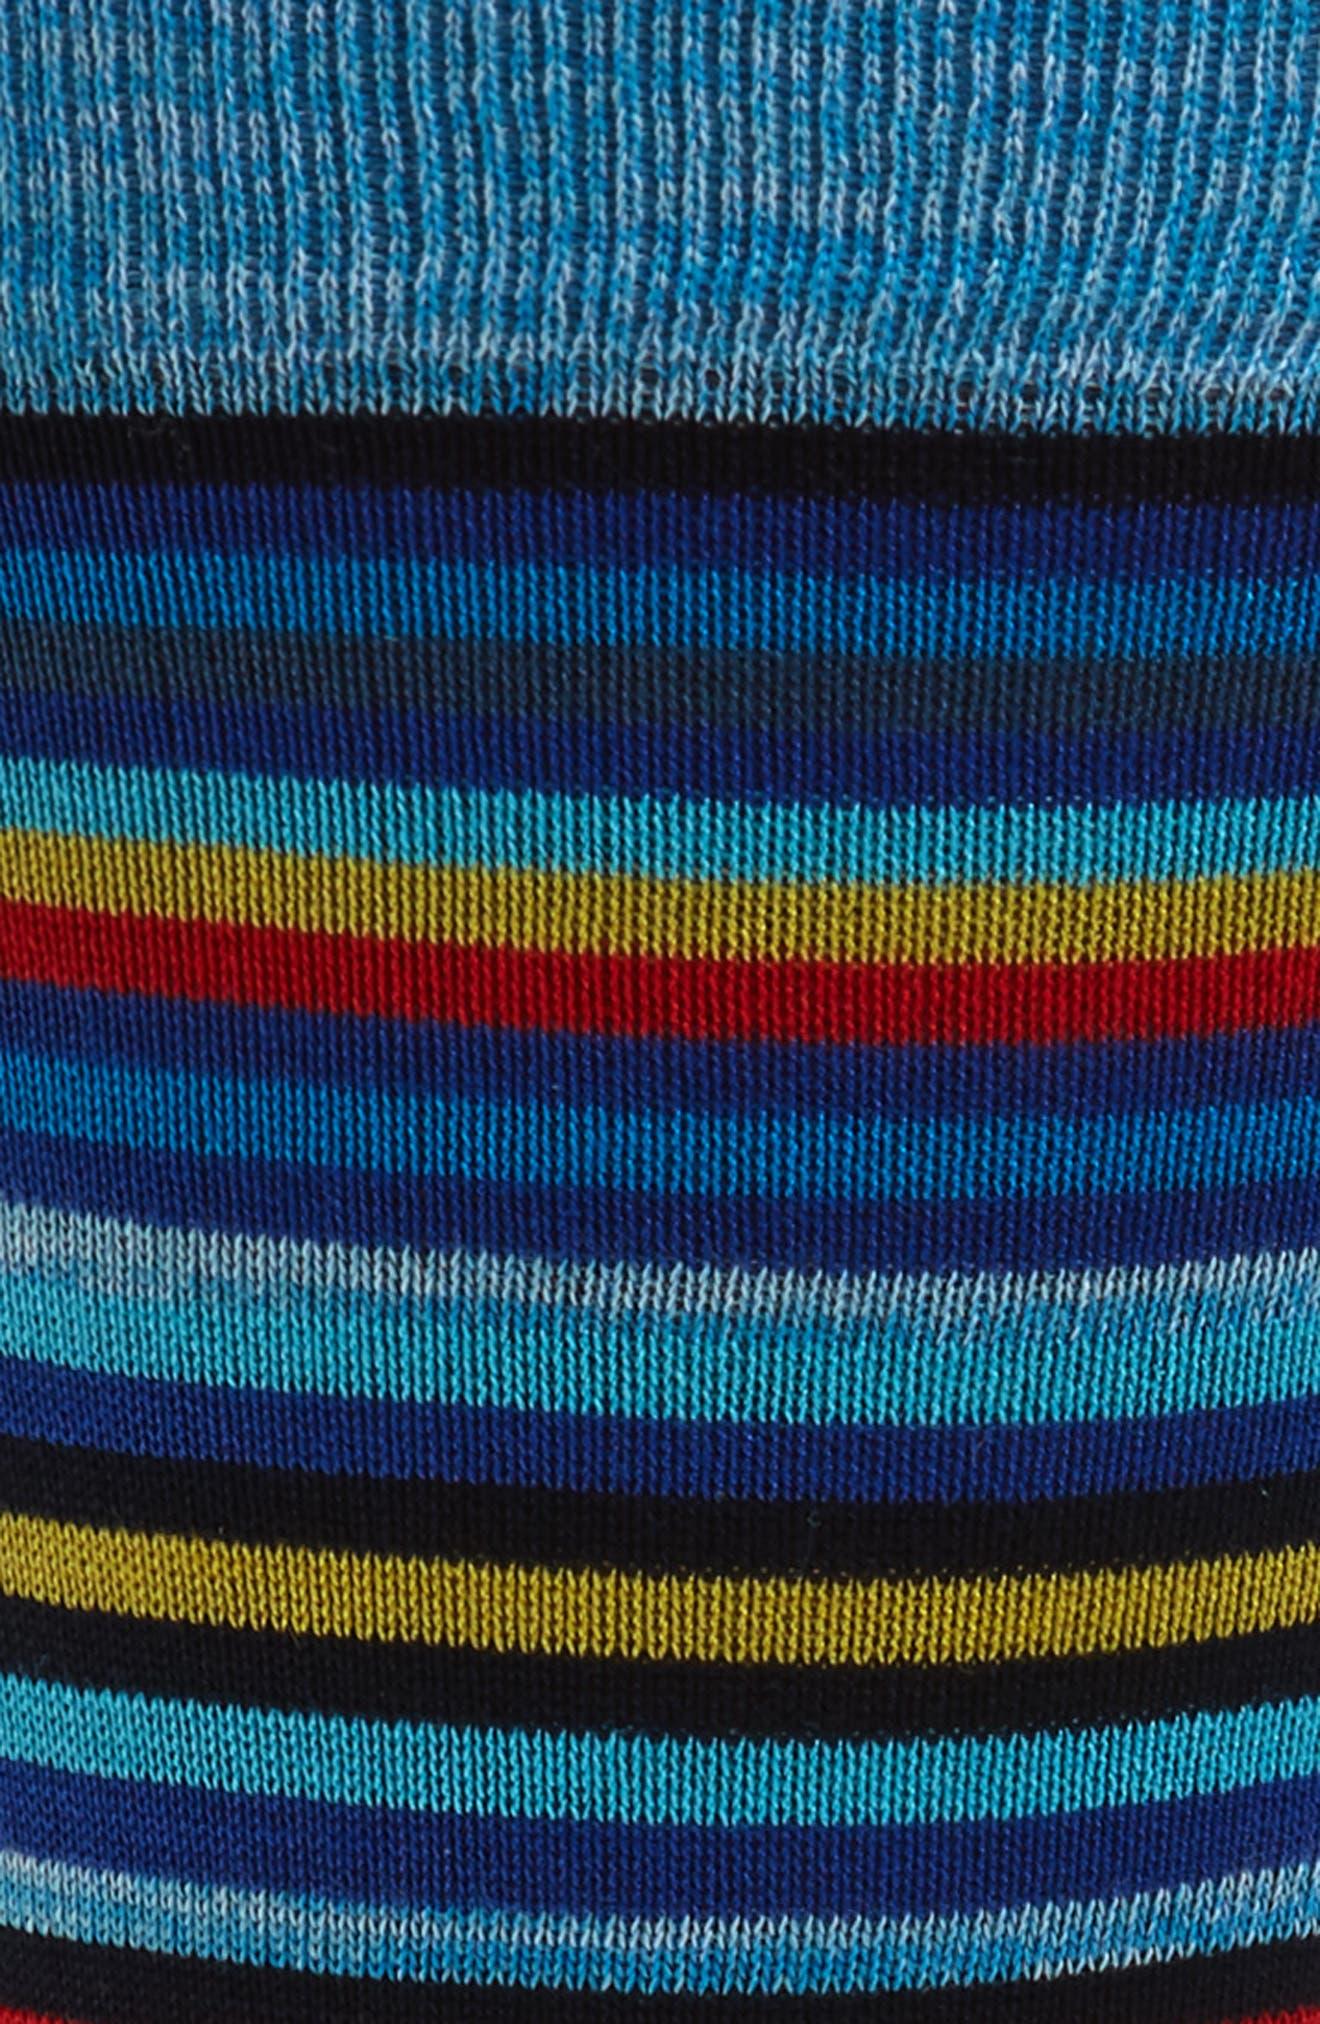 Stripe Mercerized Cotton Blend Socks,                             Alternate thumbnail 2, color,                             Aqua